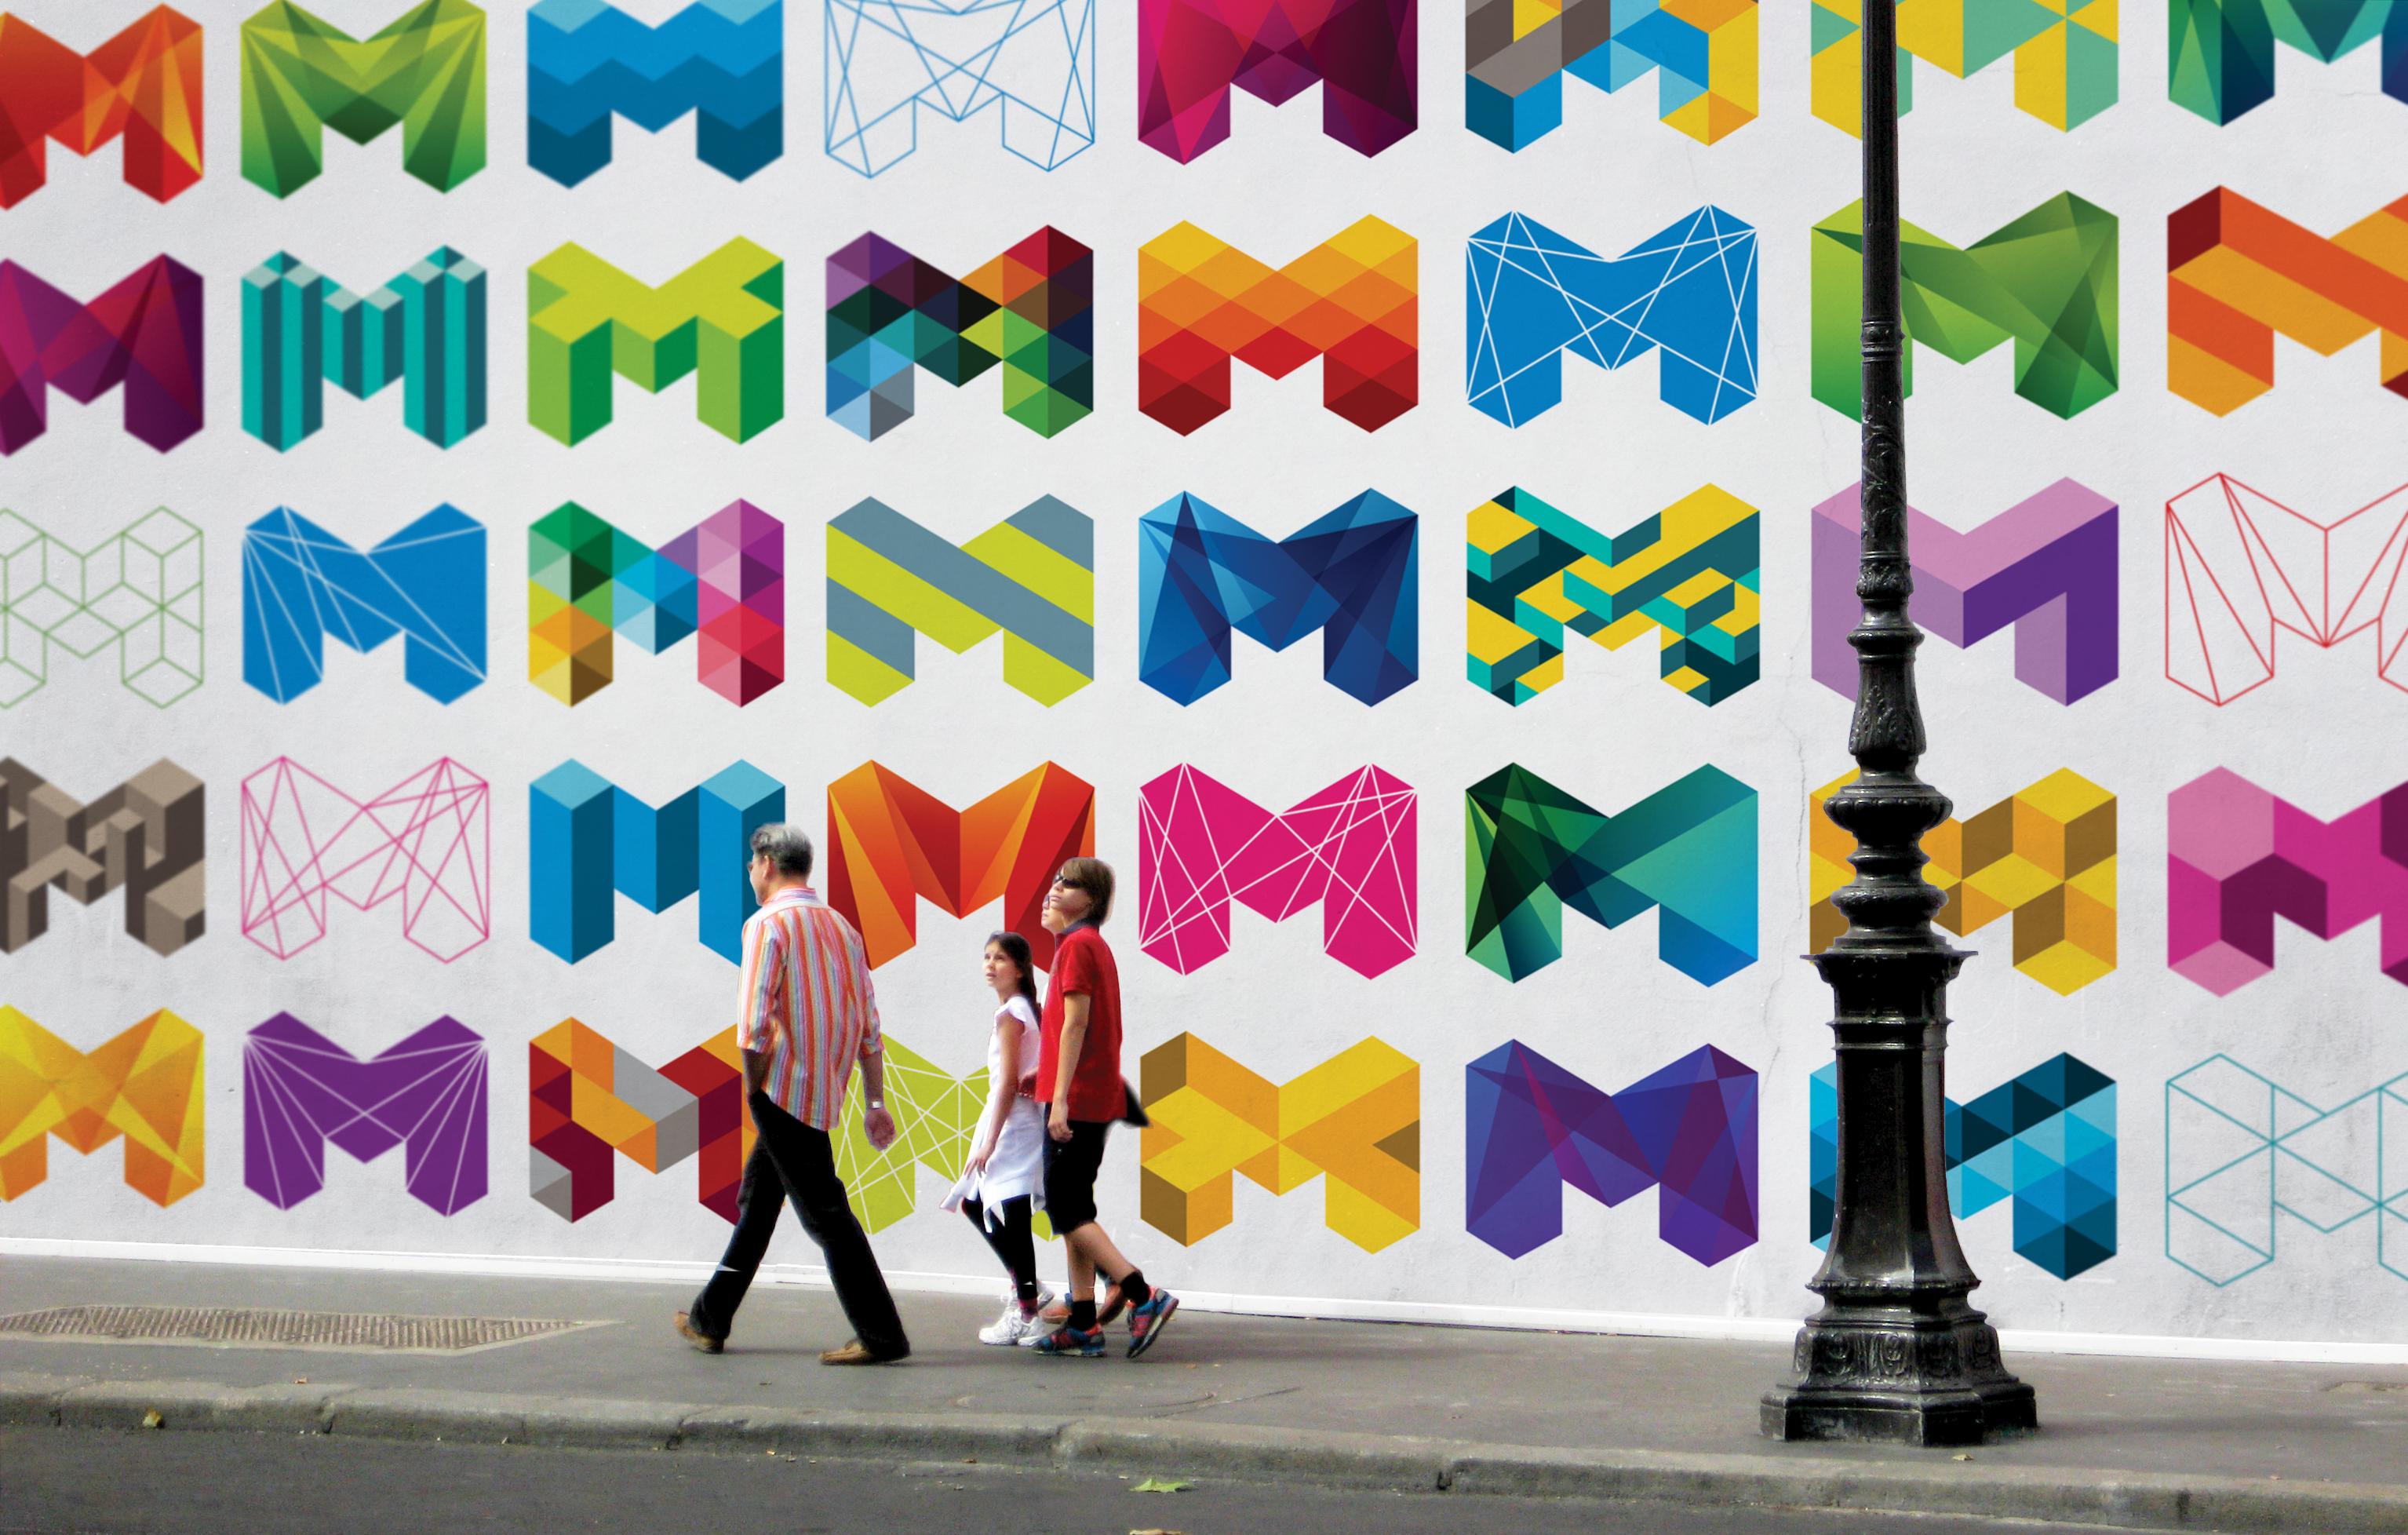 Города с лучшей Города с лучшей айдентикой Melbourne 2